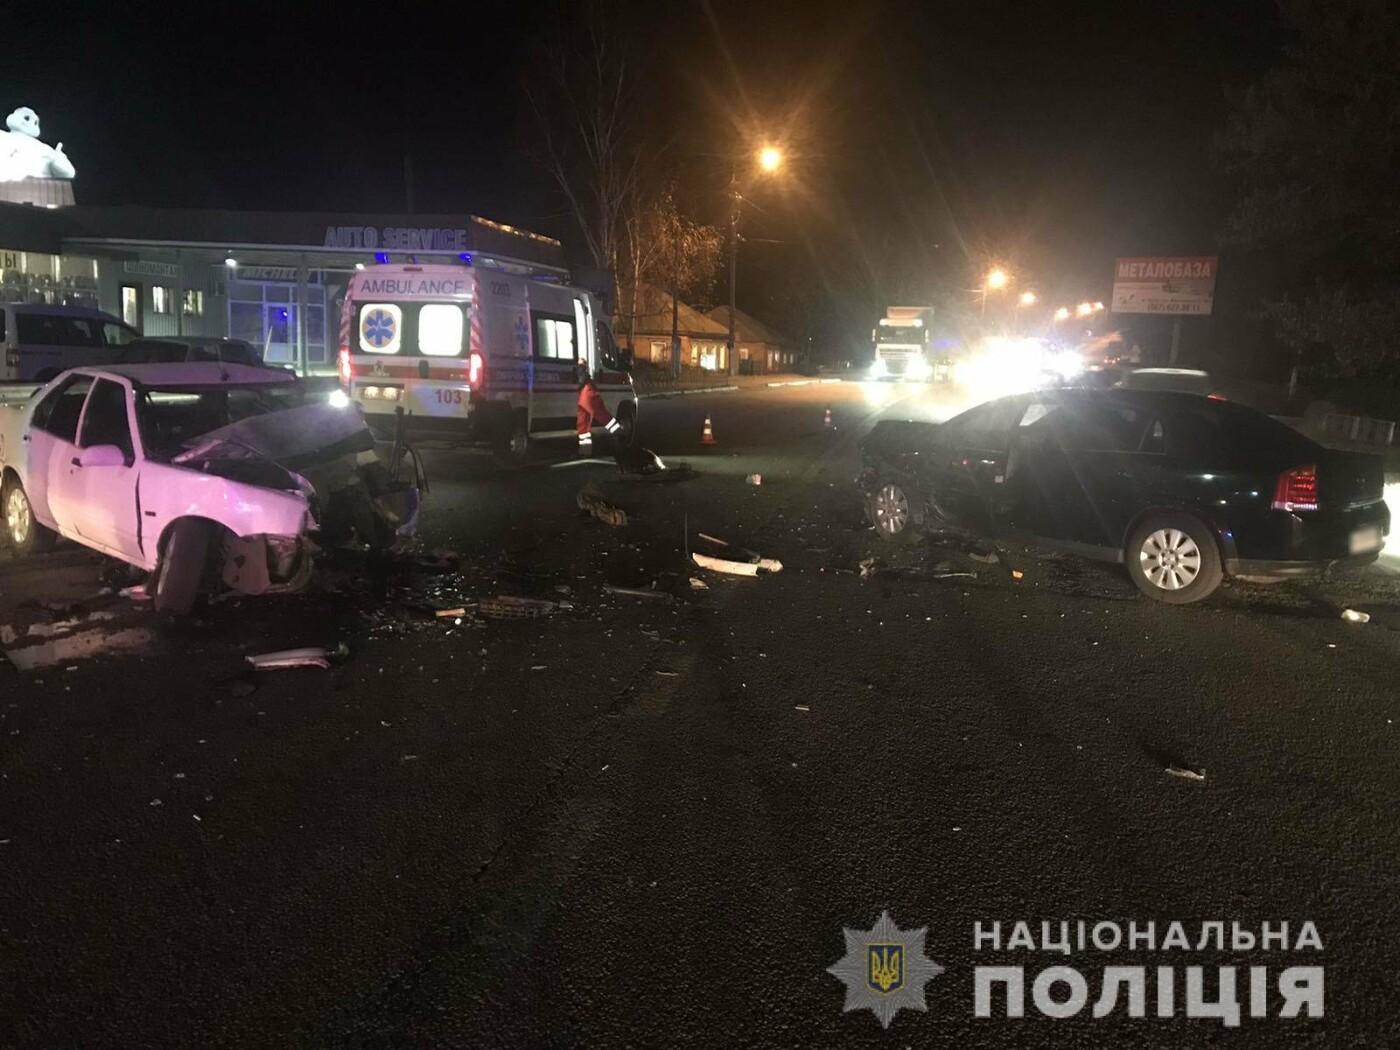 Под Харьковом «Opel» въехал в «Renault»: одно из авто разорвало, два человека в больнице, - ФОТО, ВИДЕО, фото-3